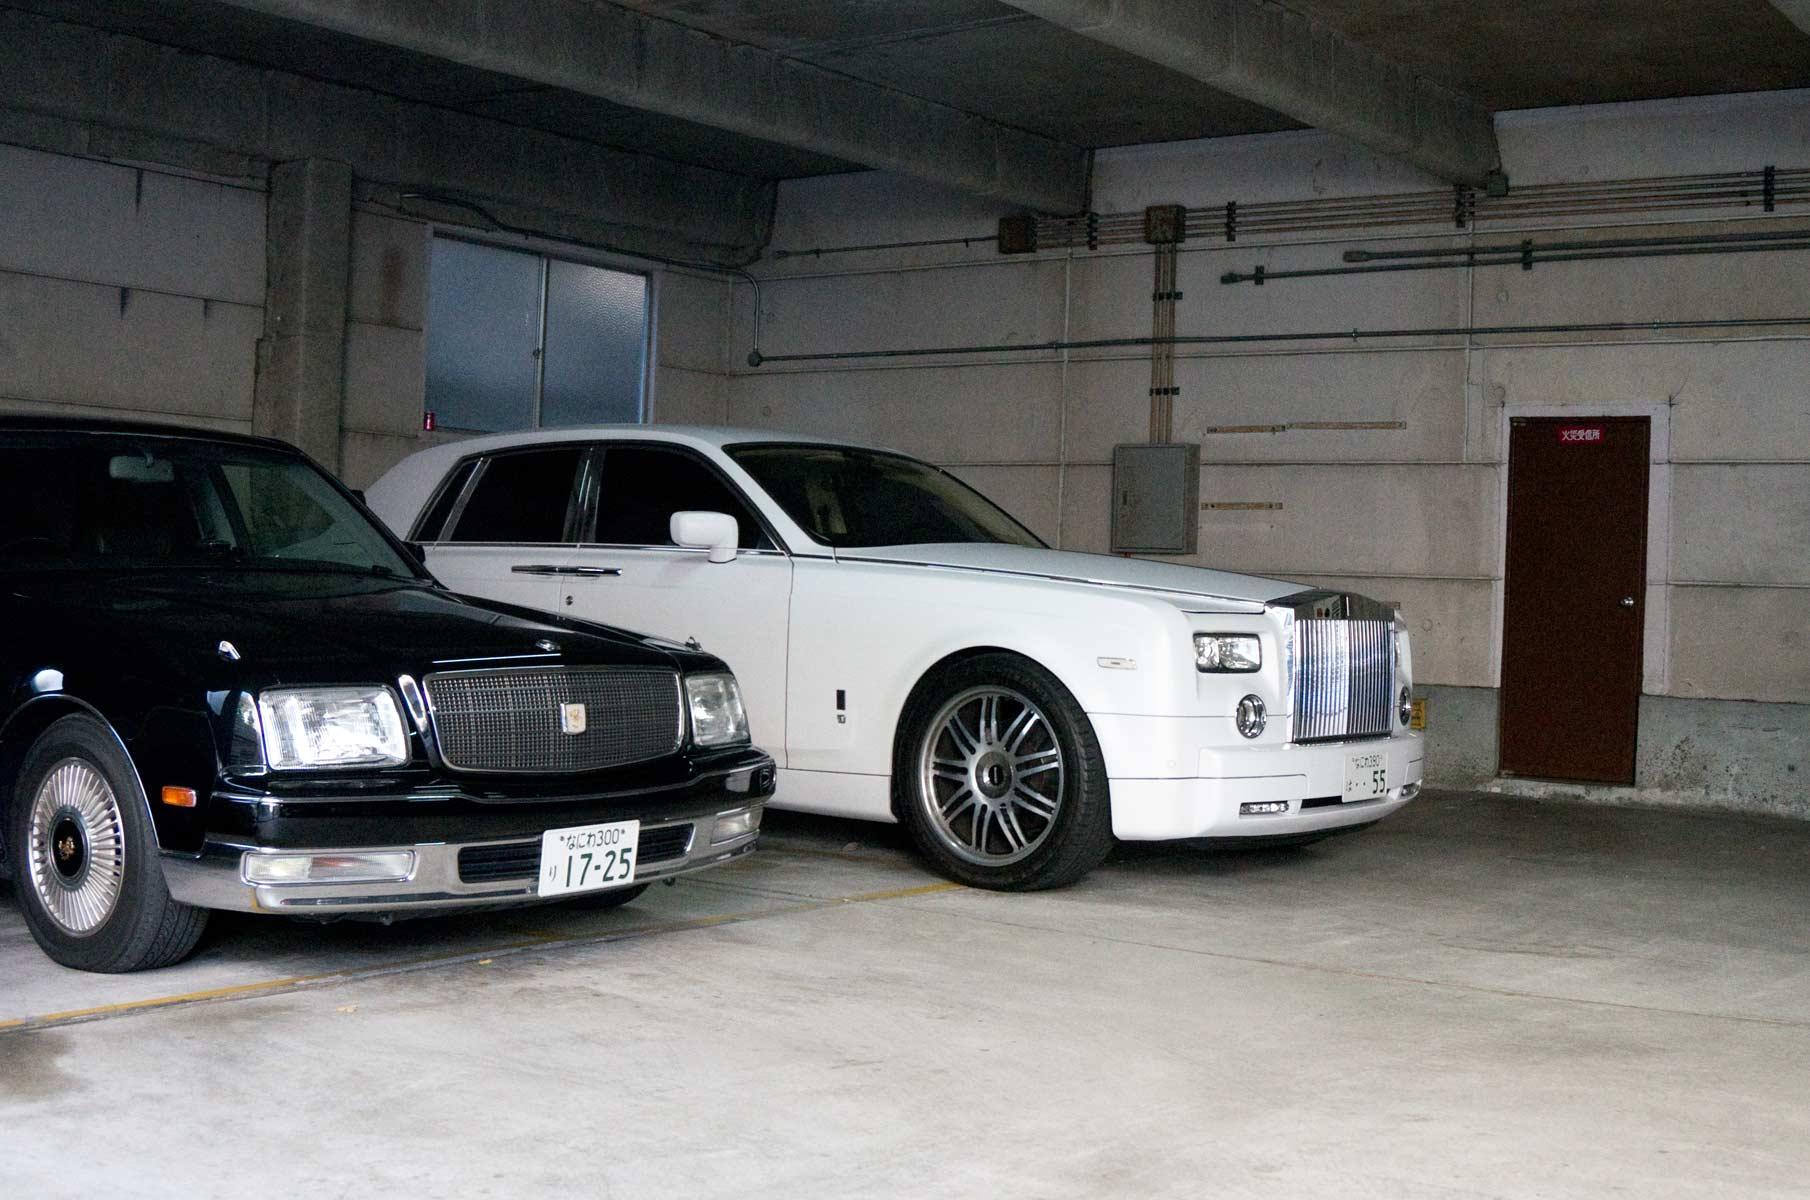 Rolls Royce in Osaka, Japan